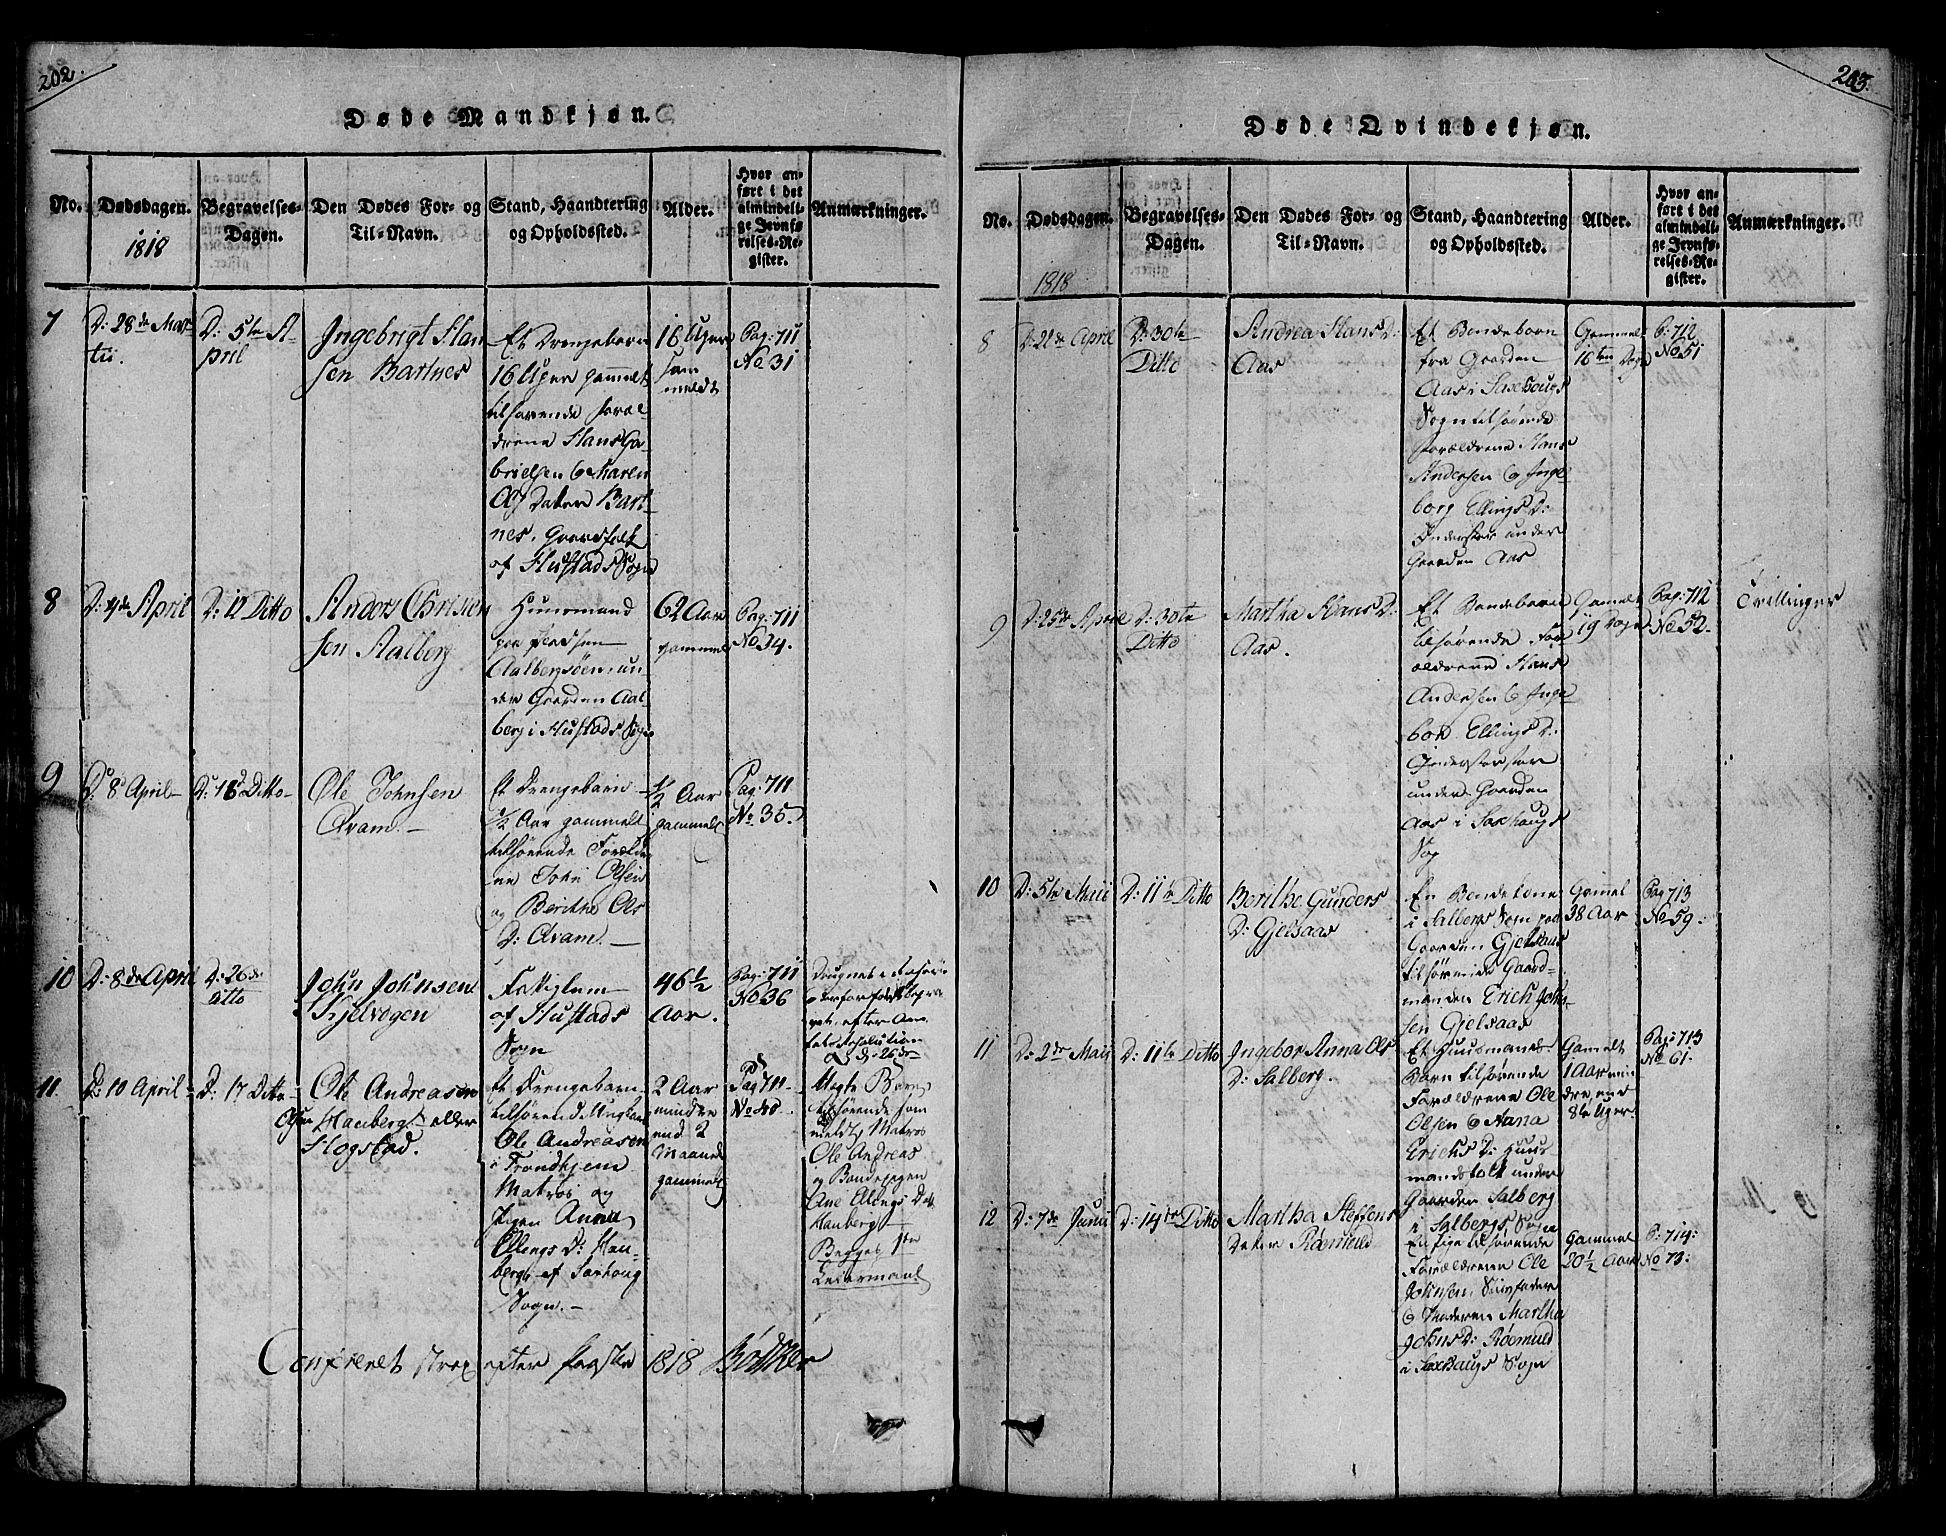 SAT, Ministerialprotokoller, klokkerbøker og fødselsregistre - Nord-Trøndelag, 730/L0275: Ministerialbok nr. 730A04, 1816-1822, s. 202-203